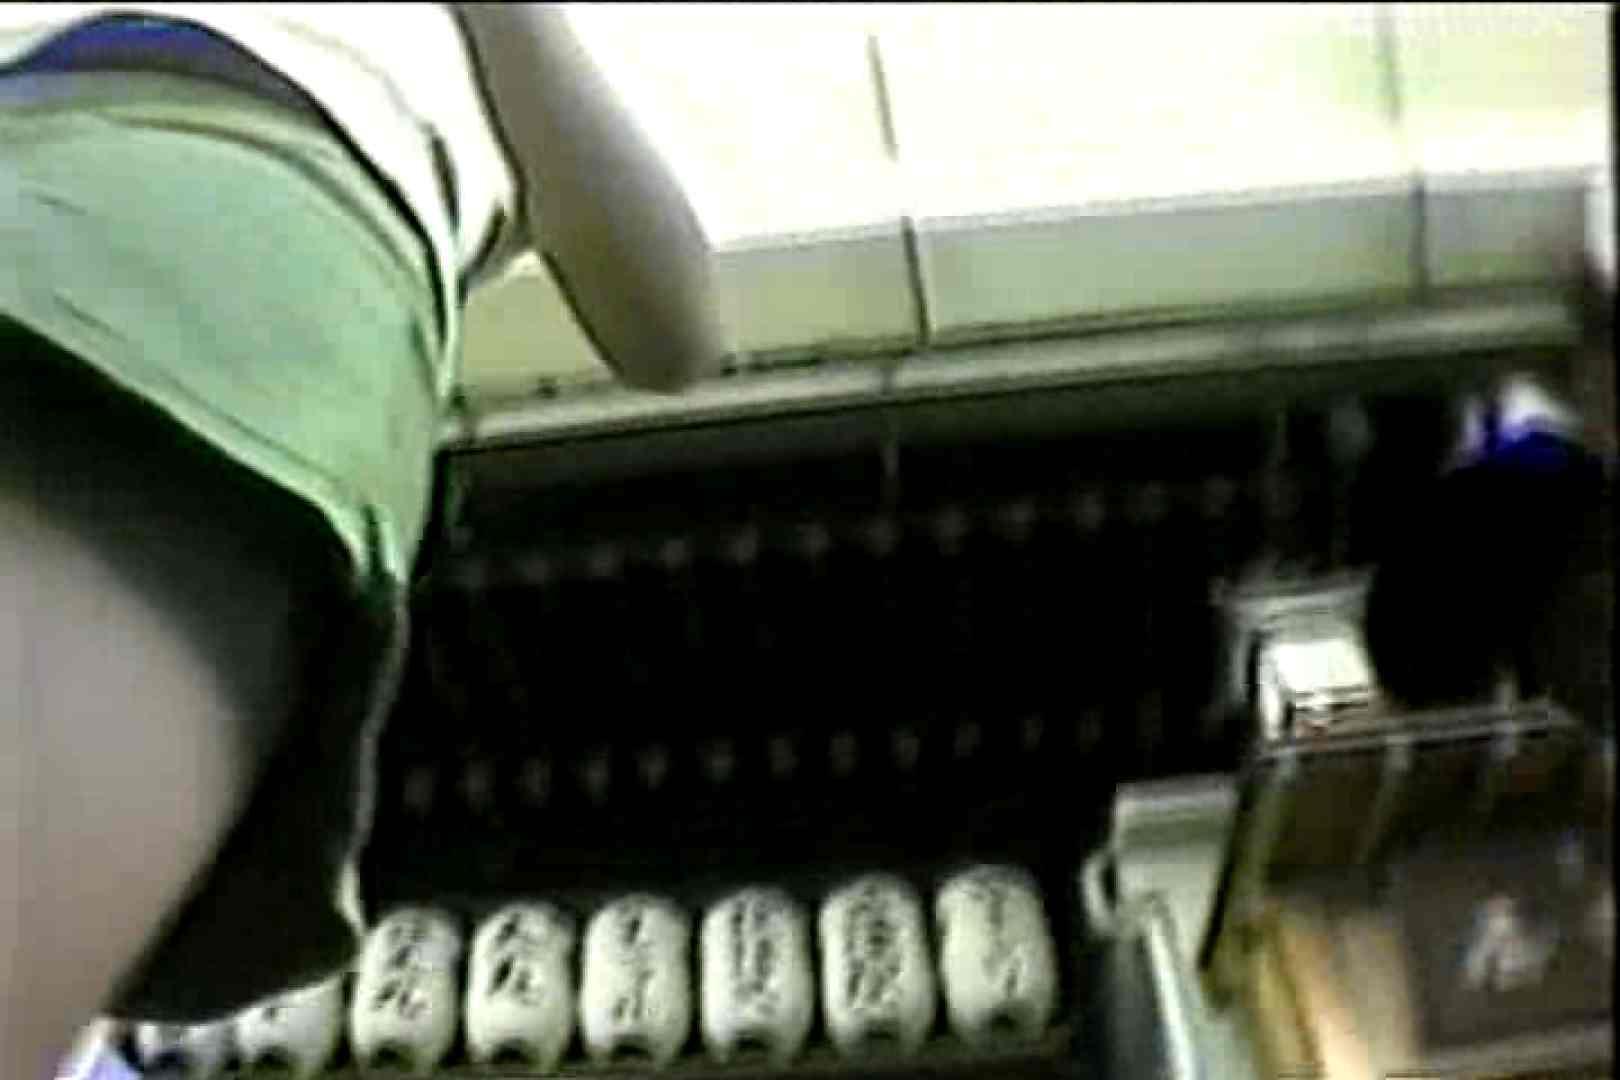 関西発!タツヤのDV直撮り大追跡Vol.1 美しいOLの裸体   追跡  78pic 55